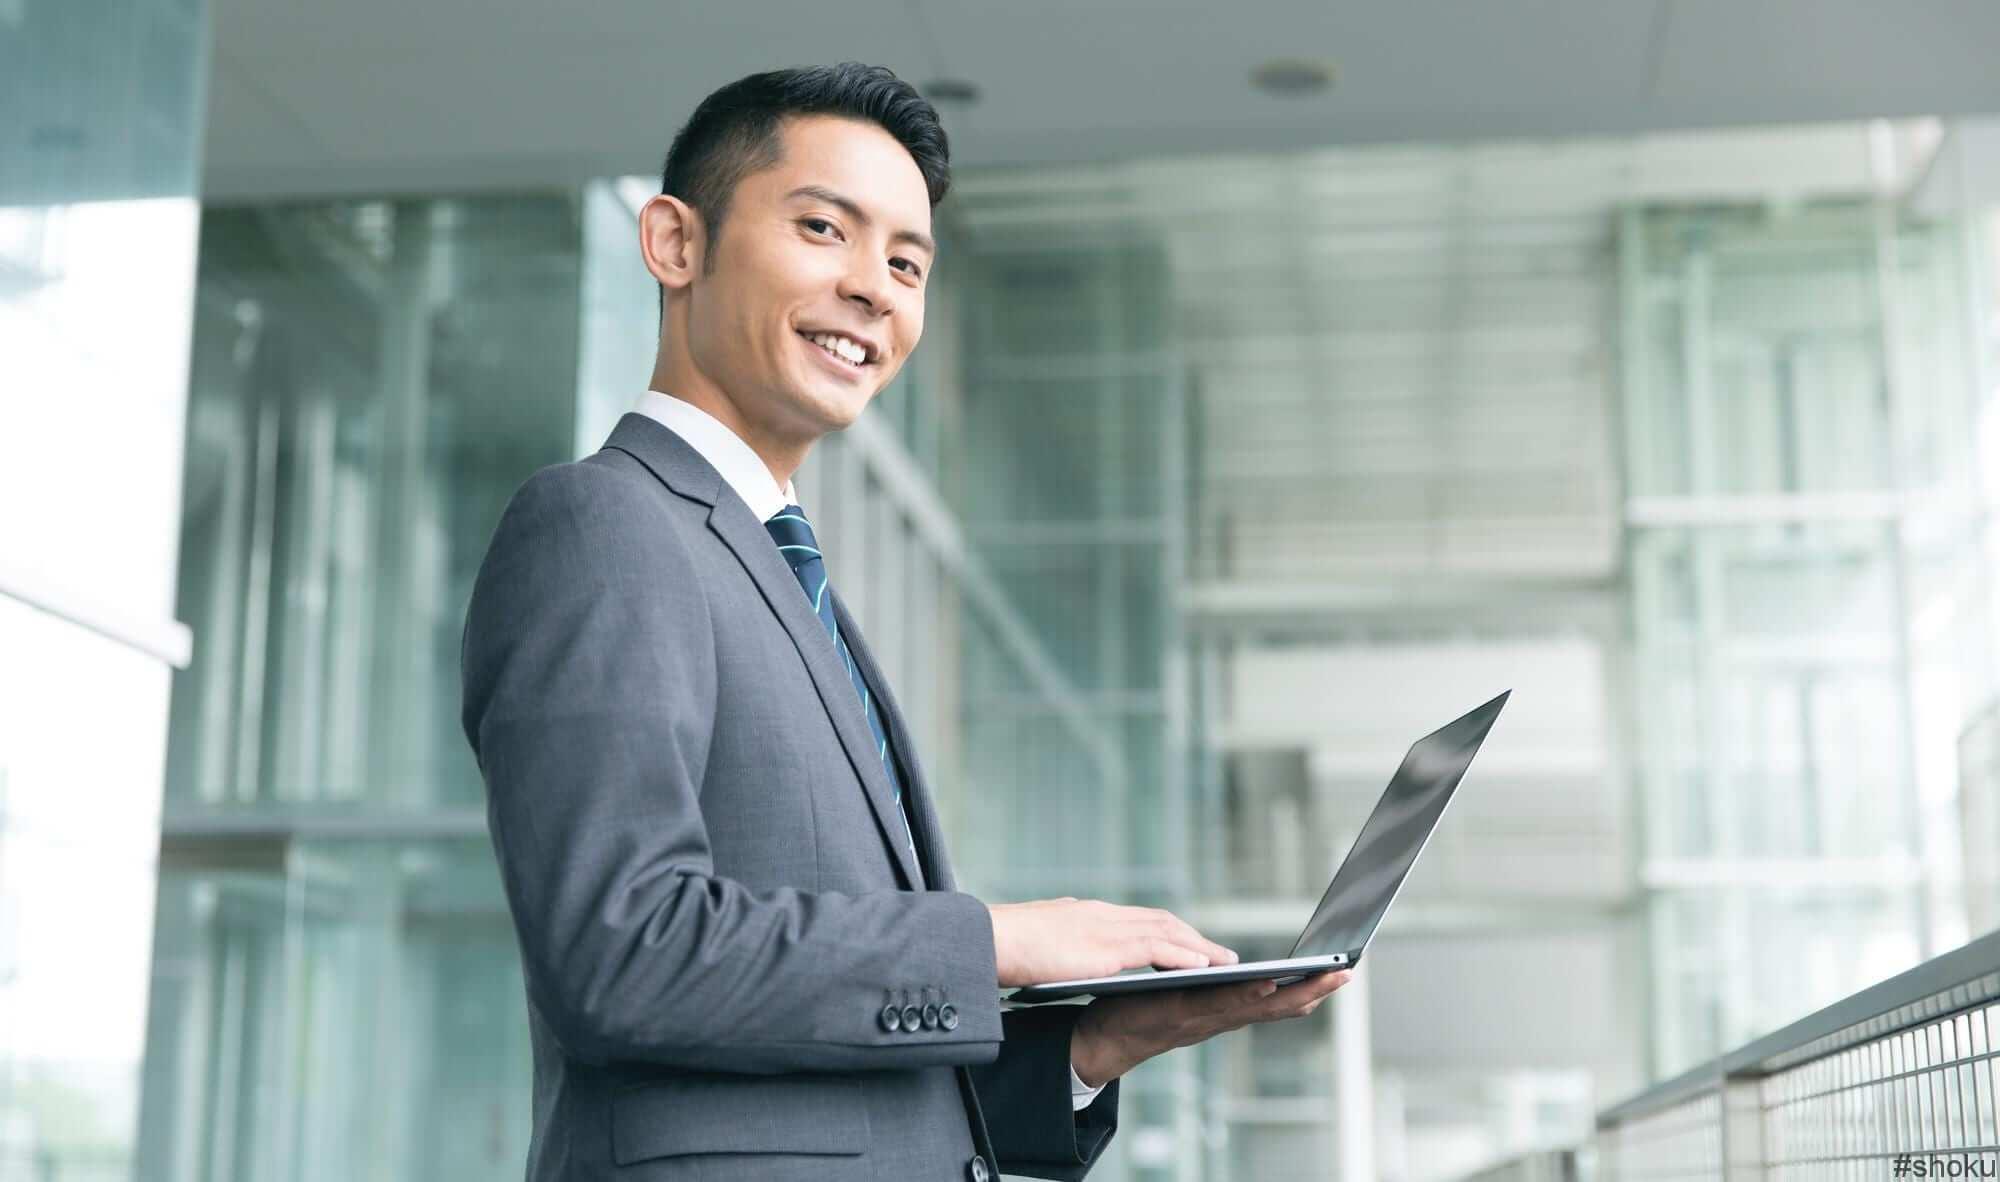 営業経験を活かして転職したい